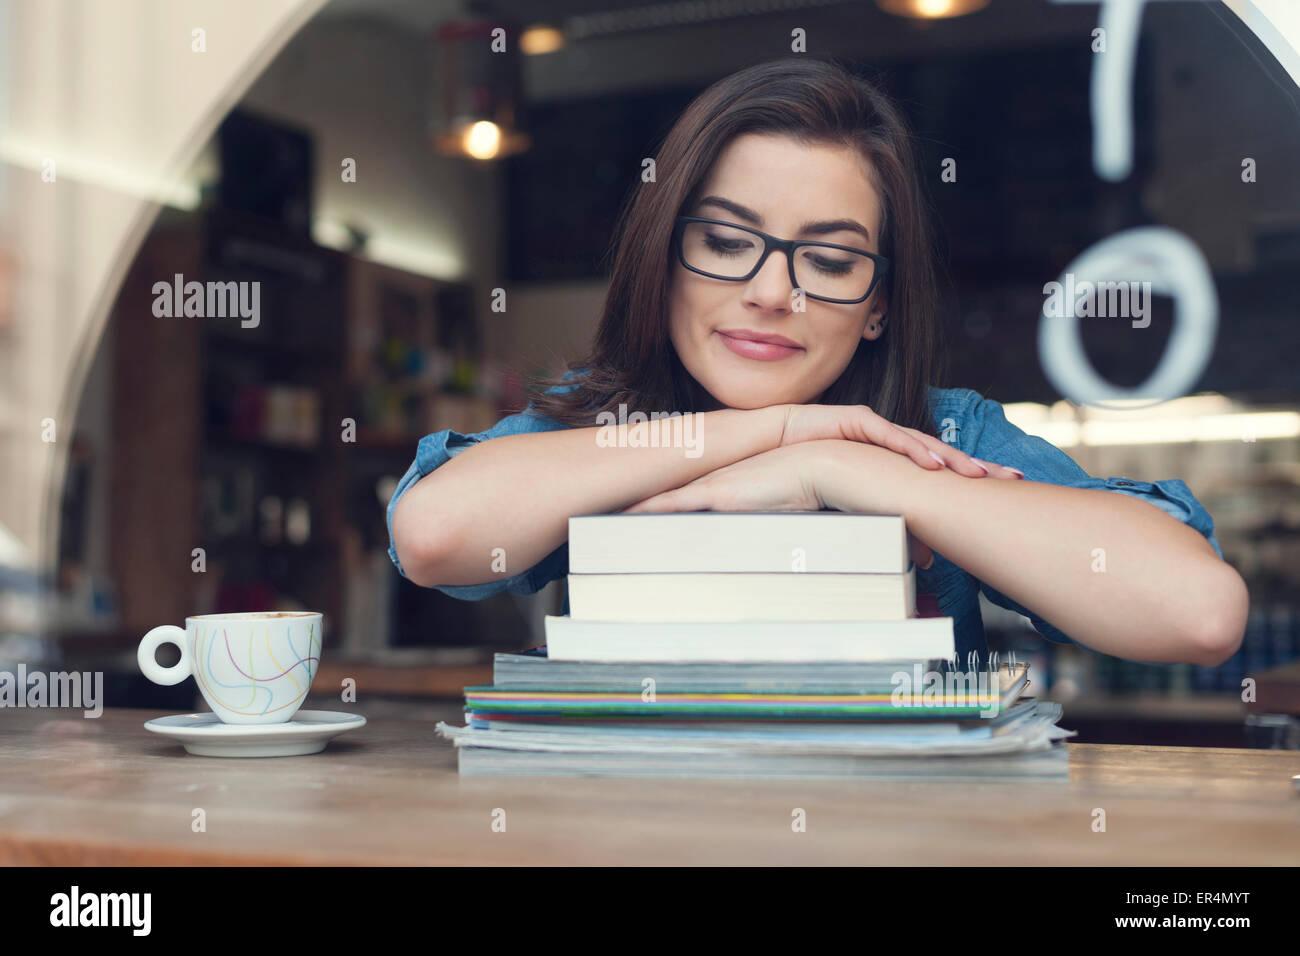 Hermosa y sonriente estudiante femenina en el cafe. Cracovia, Polonia Imagen De Stock